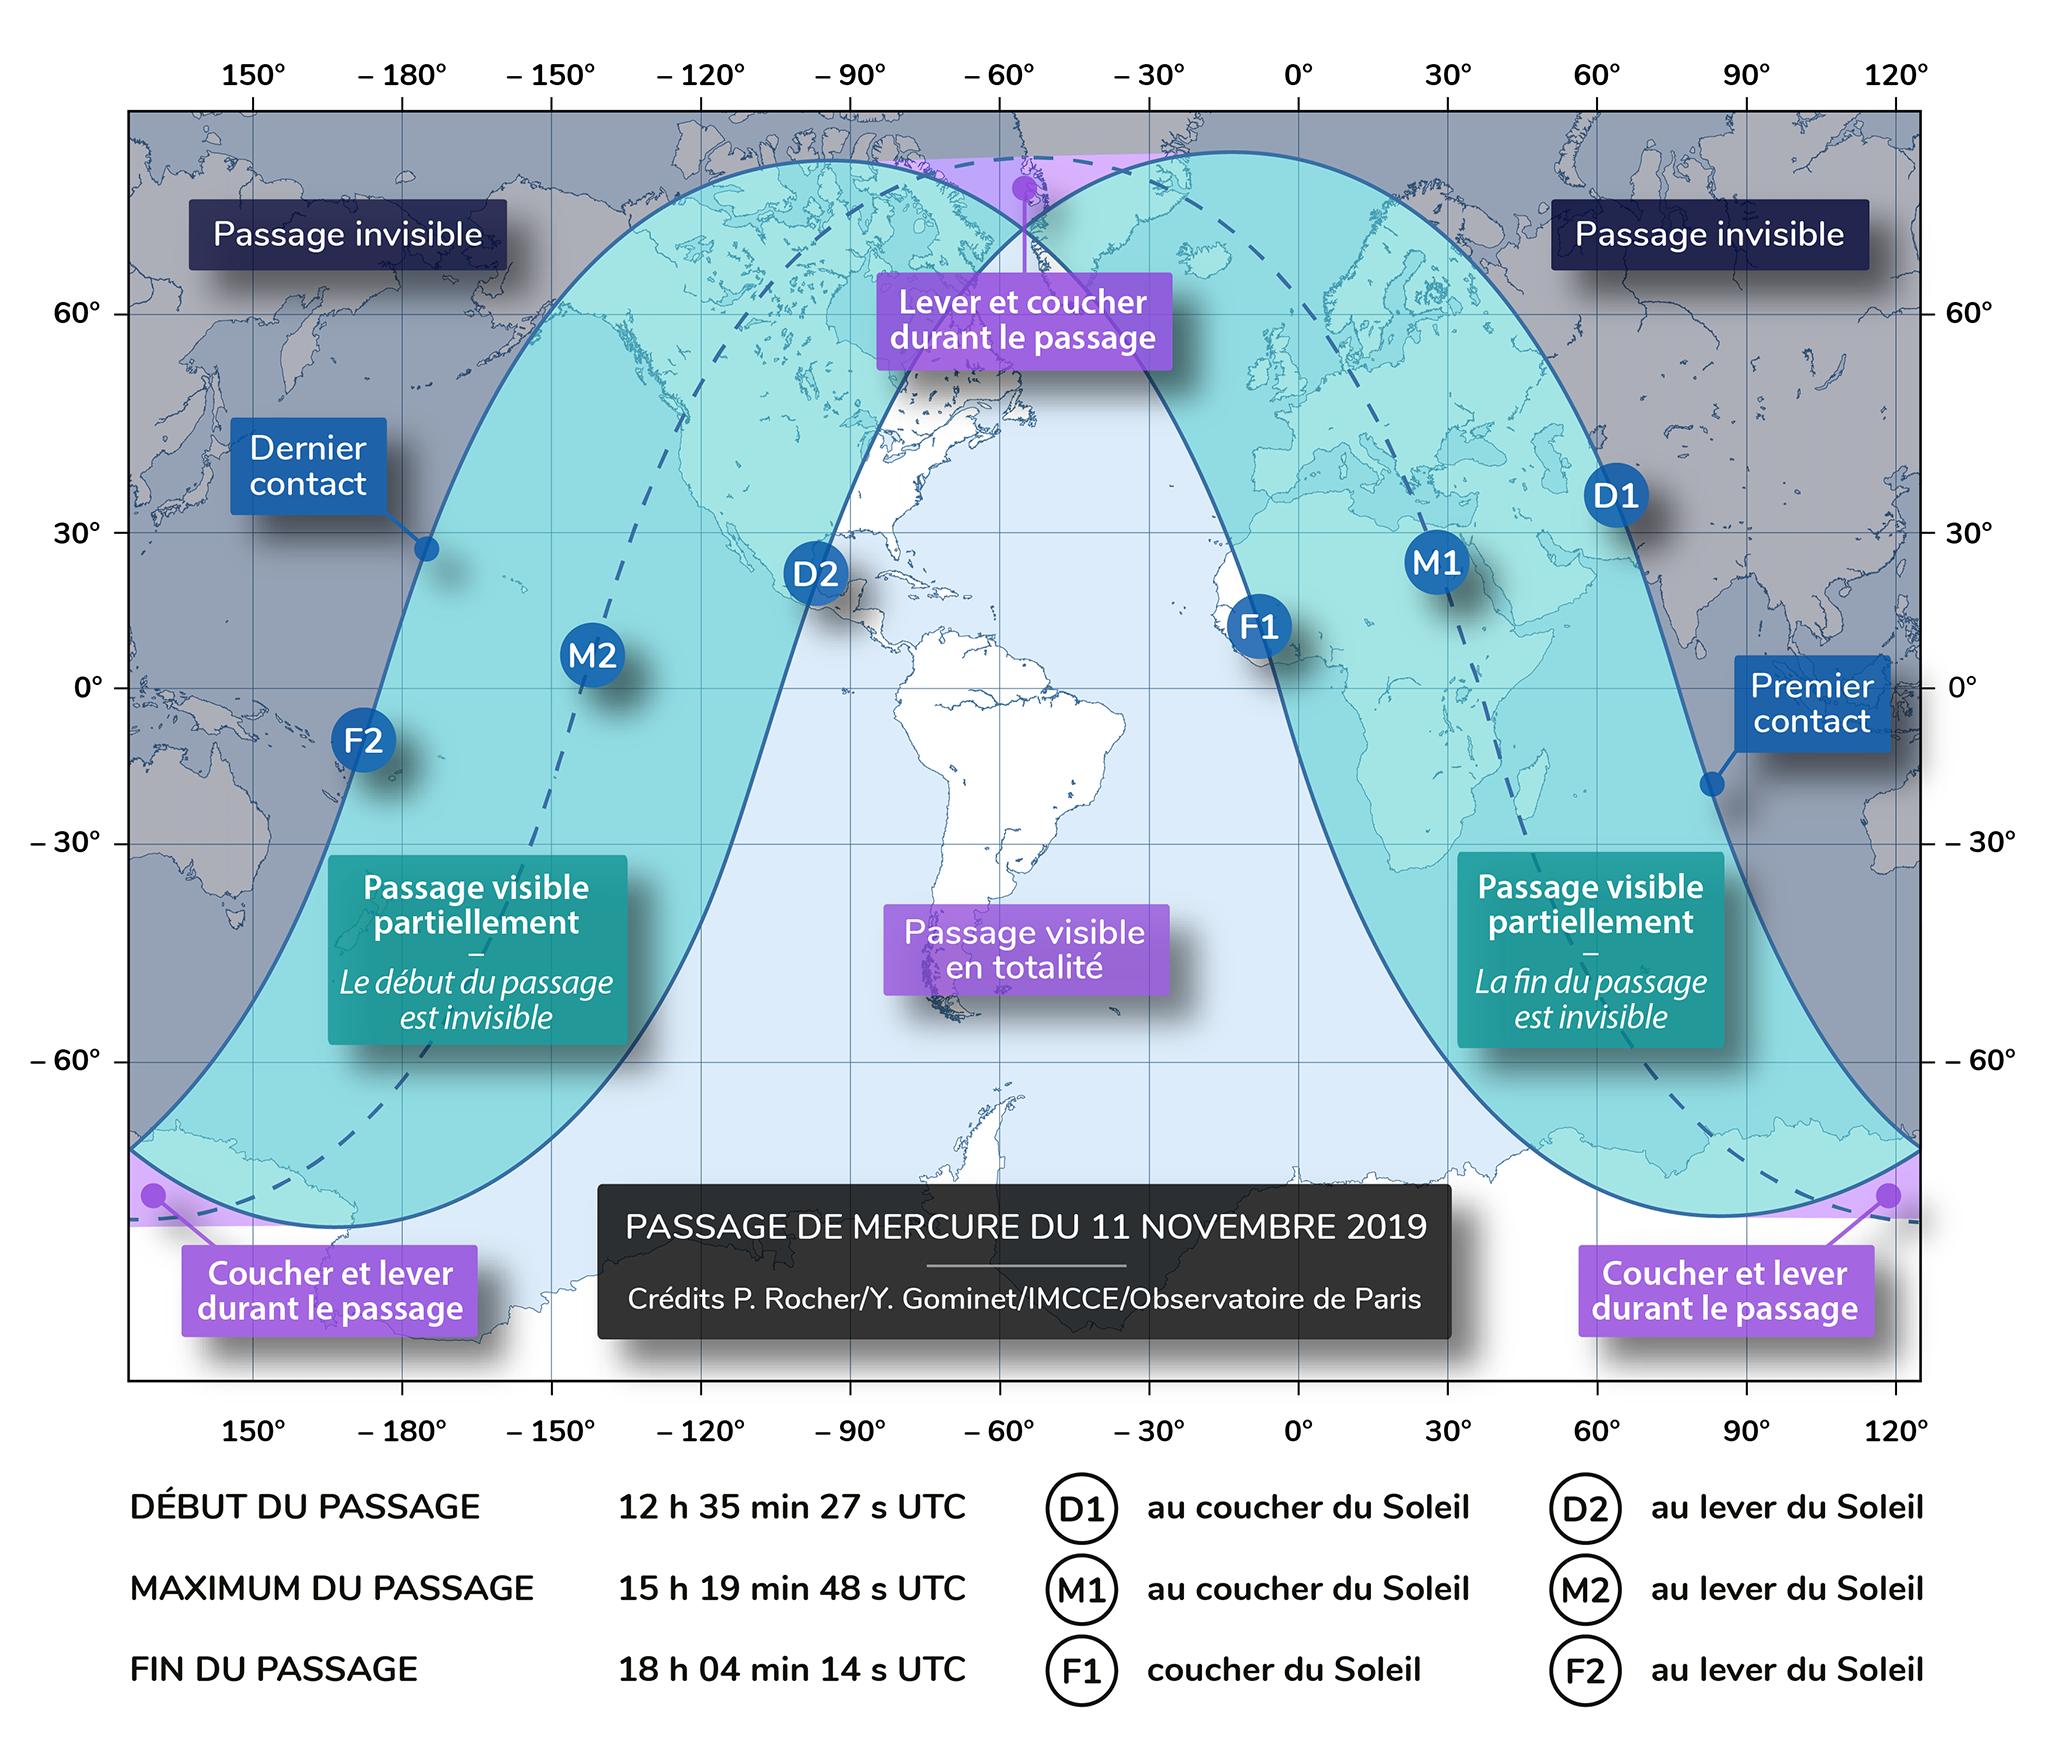 Carte de visibilité du passage du 11 novembre 2019